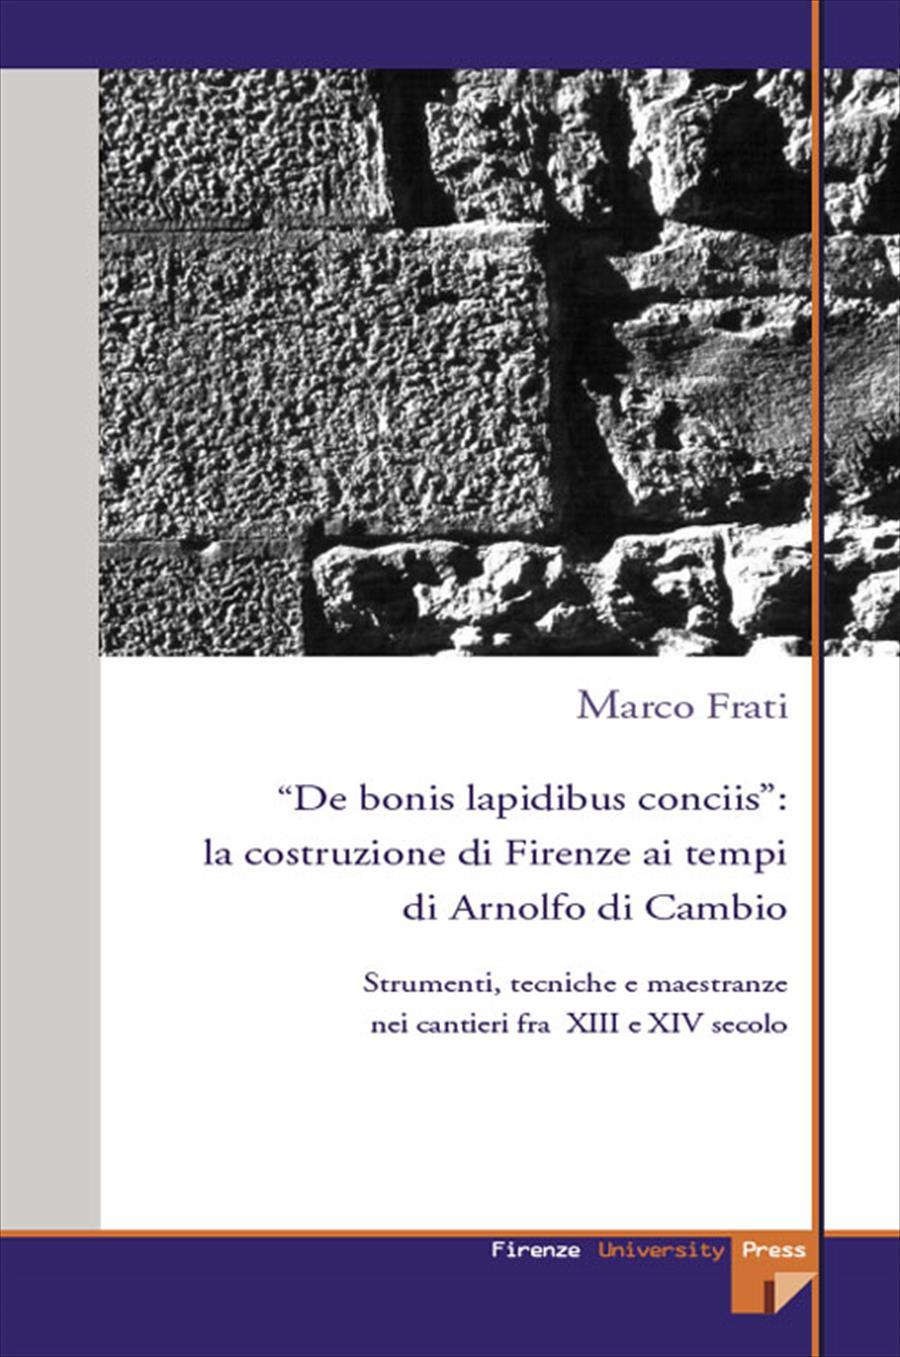 """""""De bonis lapidibus conciis"""": la costruzione di Firenze ai tempi di Arnolfo di Cambio"""